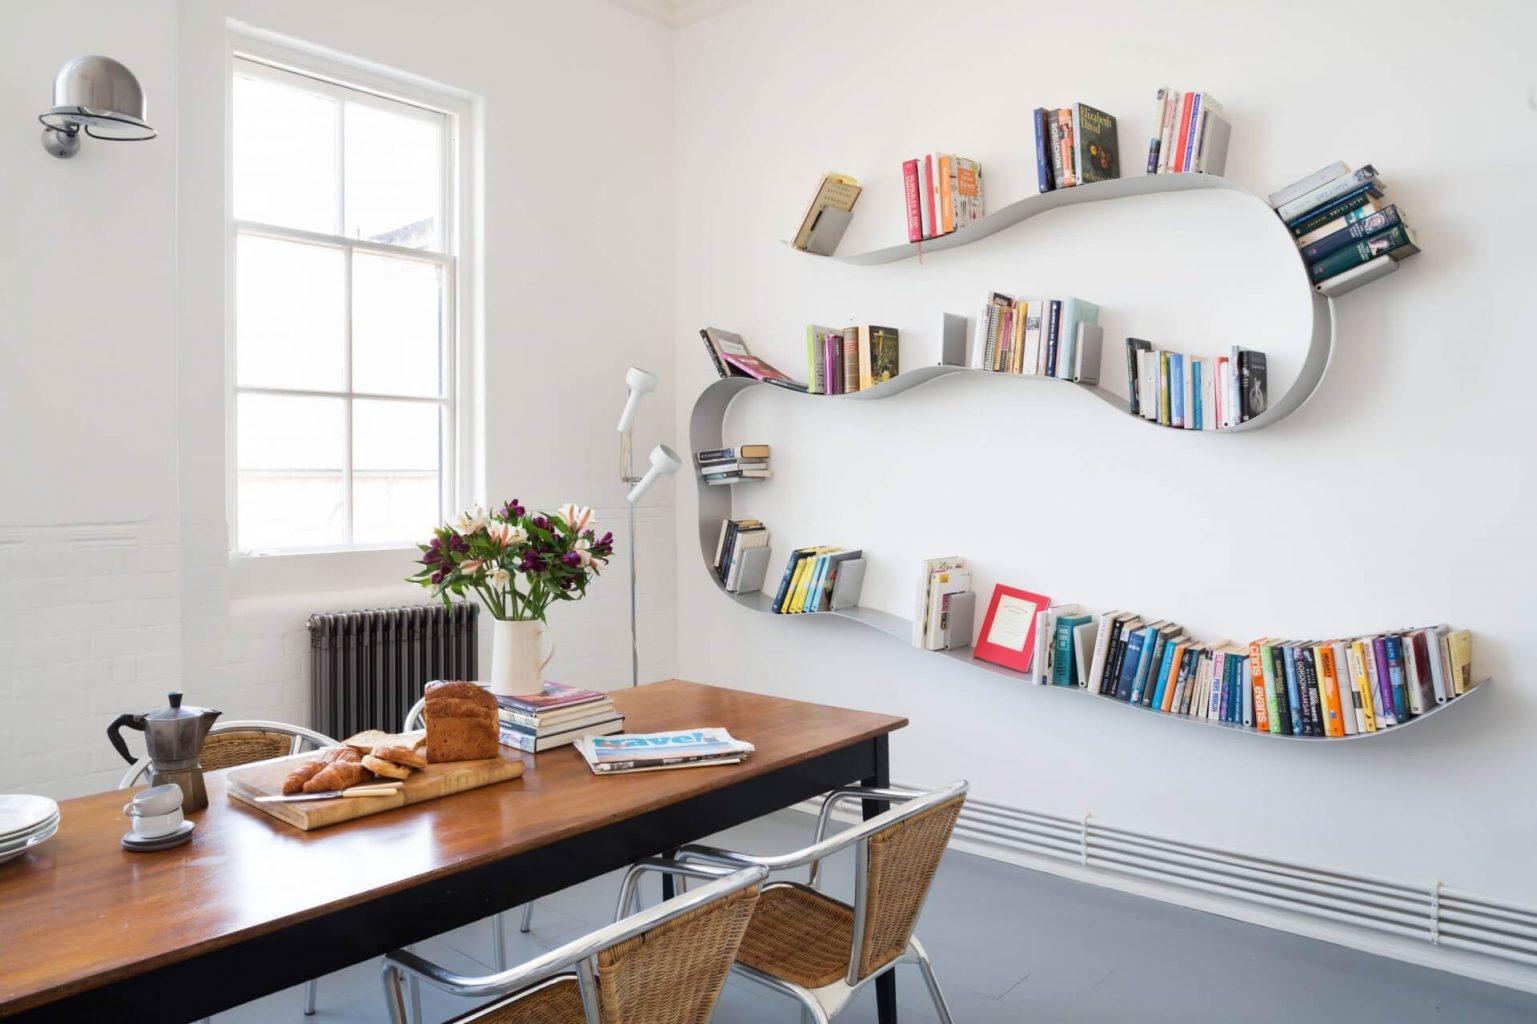 ideas-para-decorar-con-libros_113_6611-1537x1024.jpg